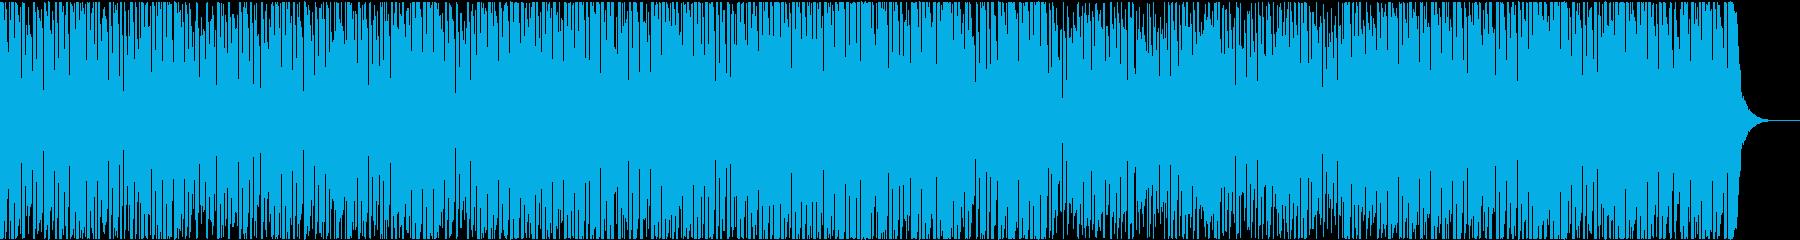 News6 24bit44kHzVerの再生済みの波形